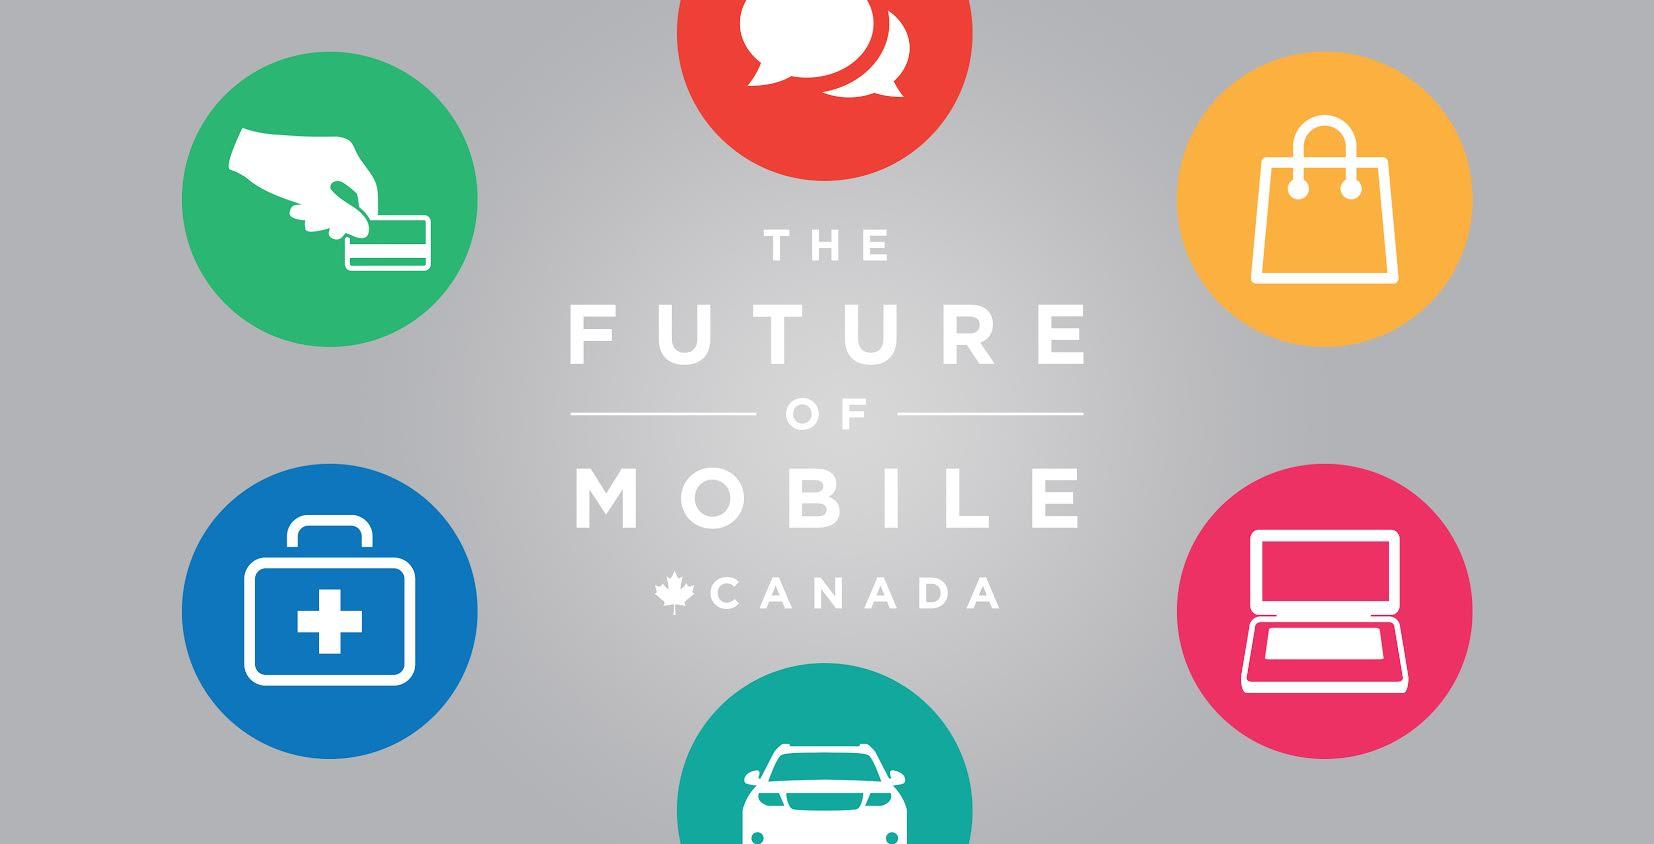 future mobile - mobile canada